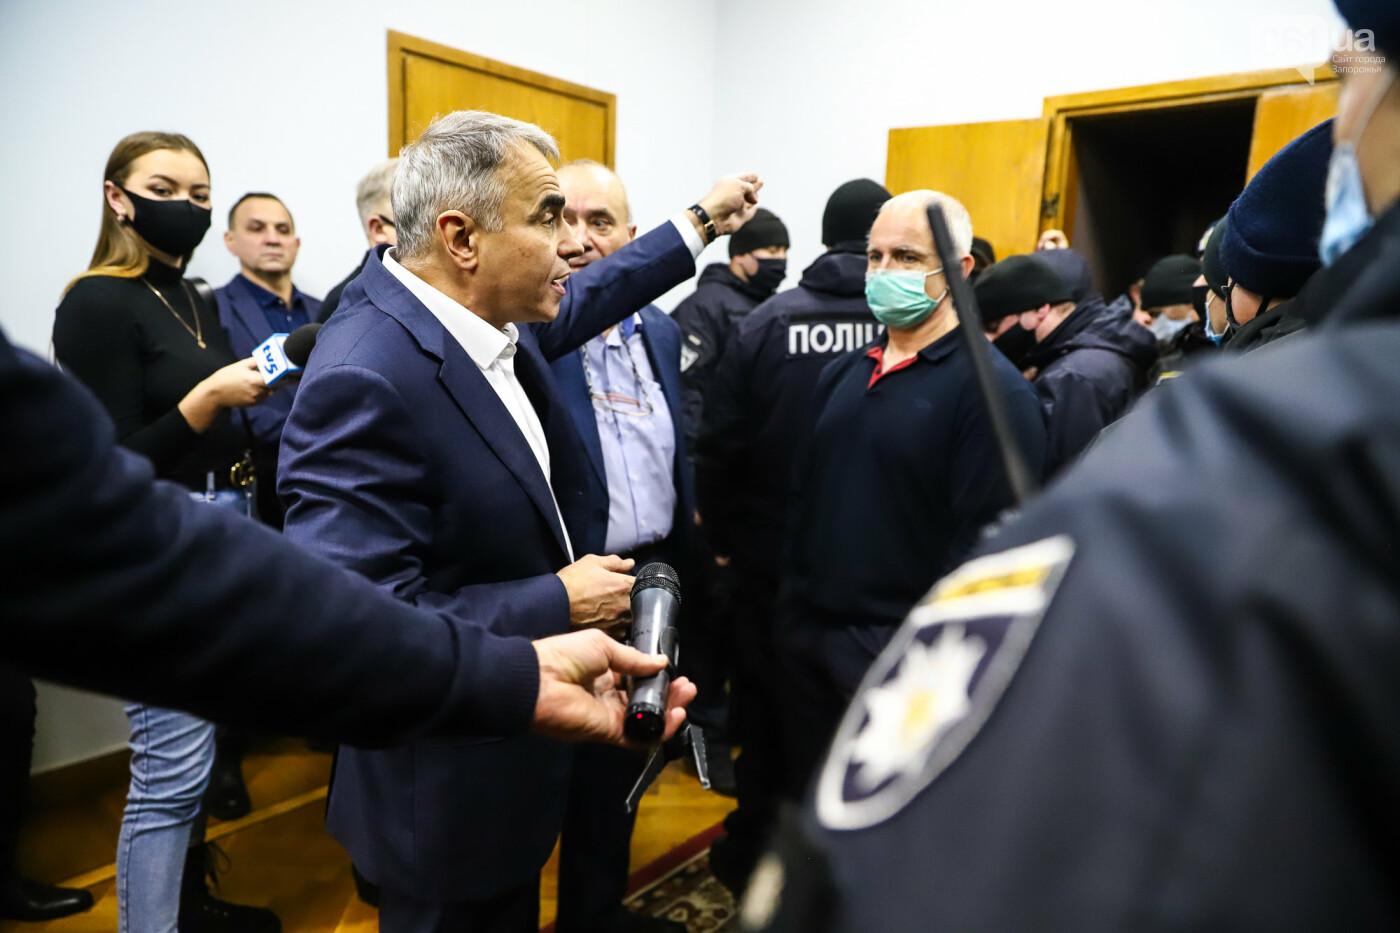 """Тайная """"сессия"""", сотни правоохранителей и стычки с активистами - что происходило в здании Запорожского облсовета, - ФОТО, ВИДЕО , фото-46"""